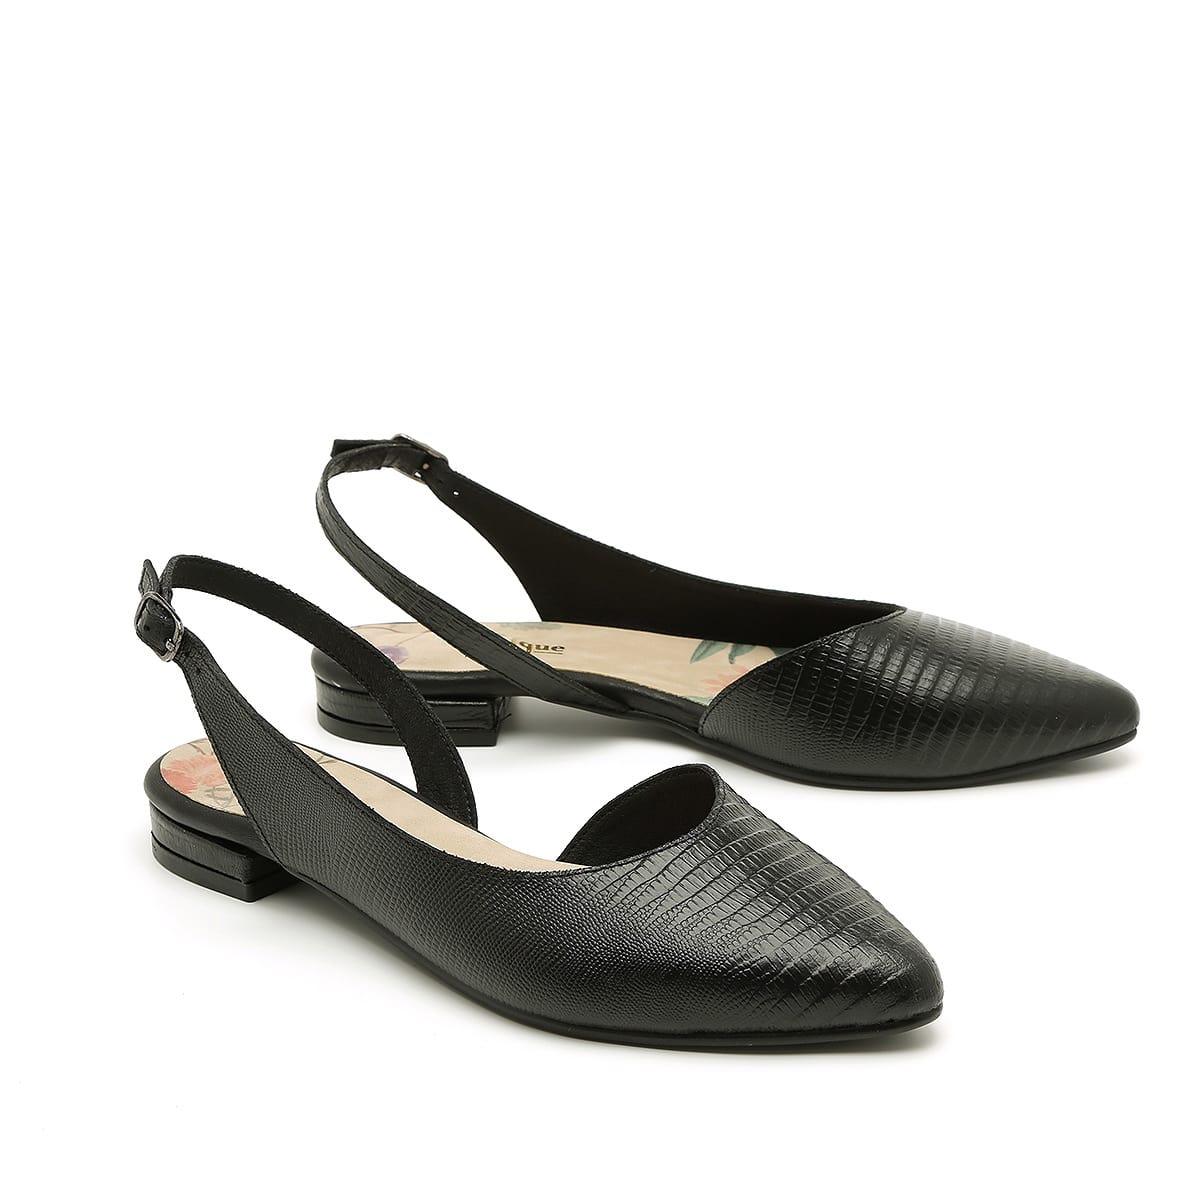 דגם סופיה - נעלי שפיץ אסימטריות, בצבע שחור. גובה עקב